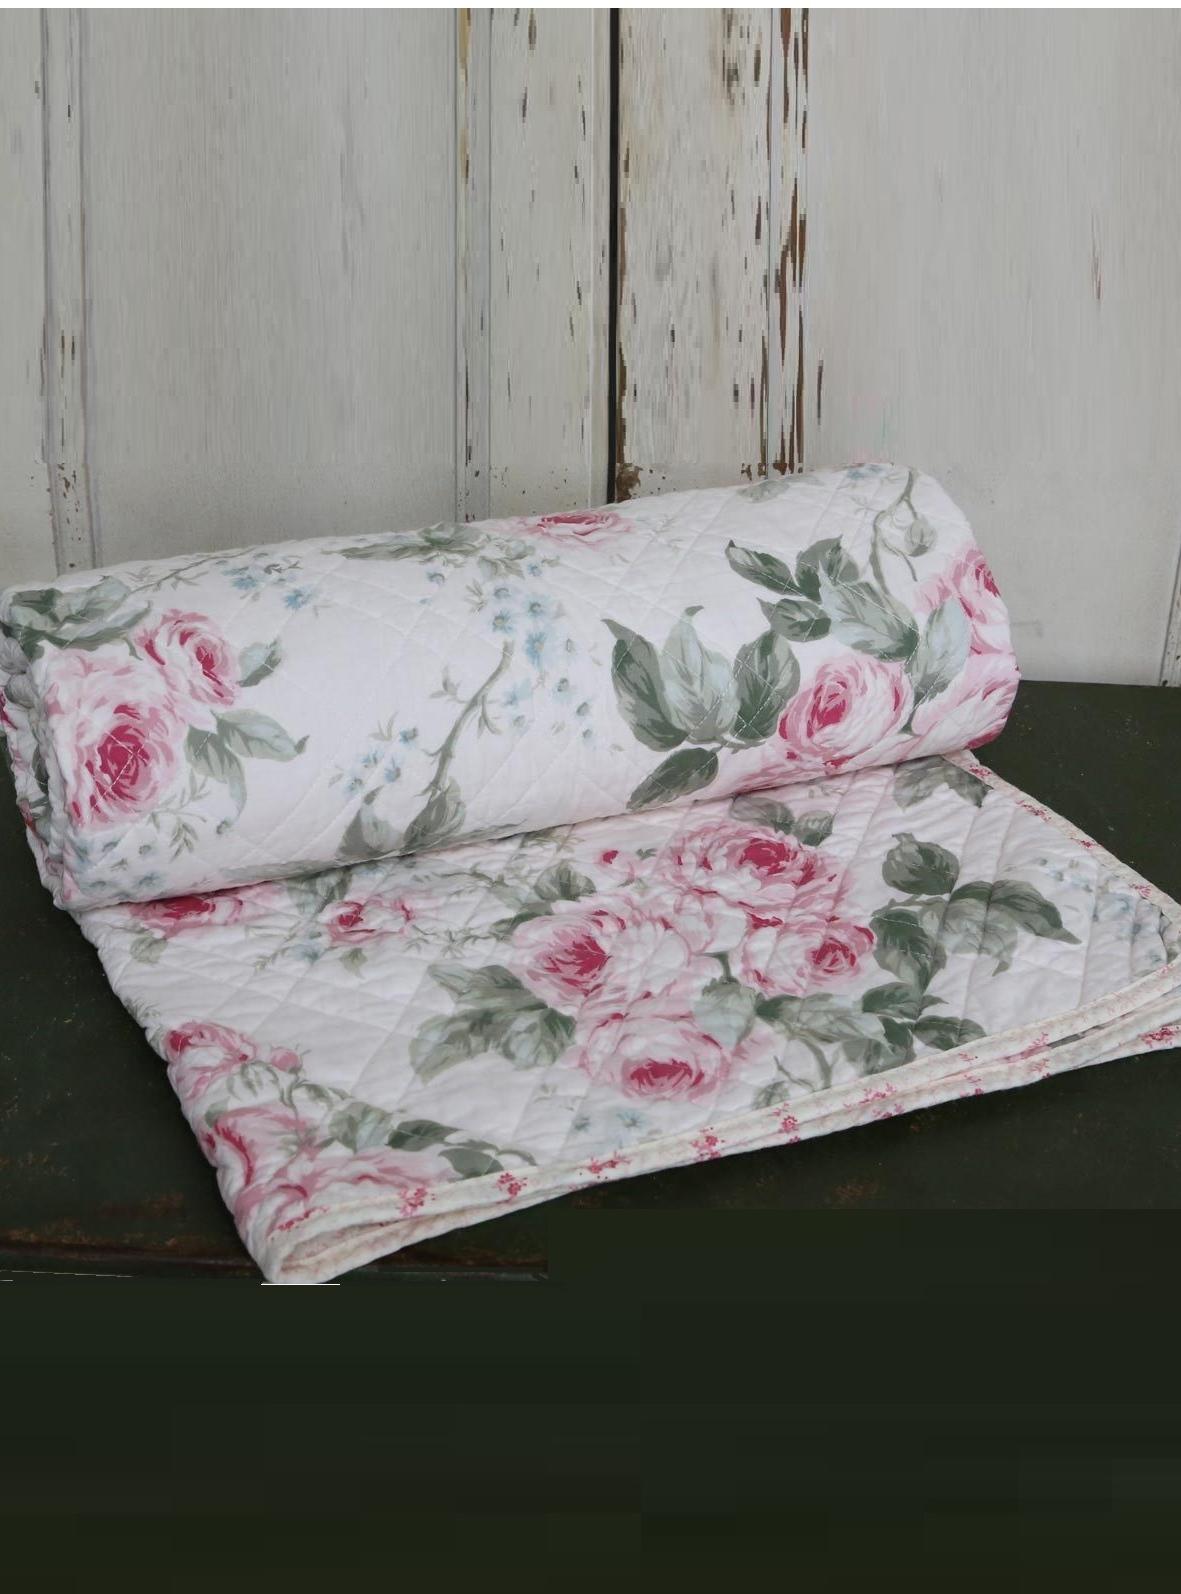 quilt rosor chic antique shabby. Black Bedroom Furniture Sets. Home Design Ideas